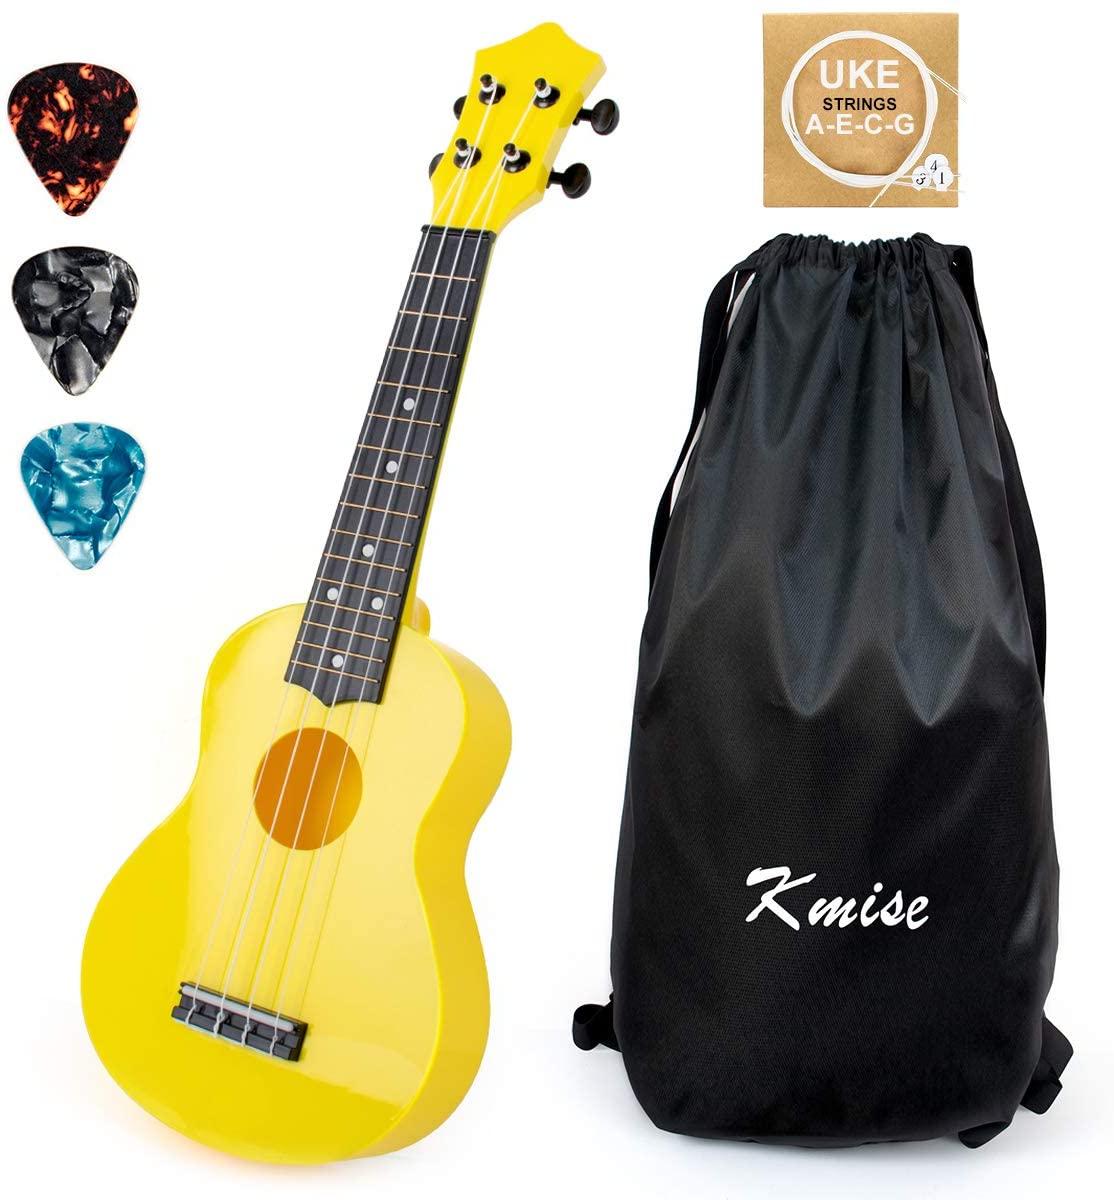 Kmise Soprano Ukulele for Beginners Kids 21 inch ukelele Birthday Chrismas gift kit with Bag Picks String